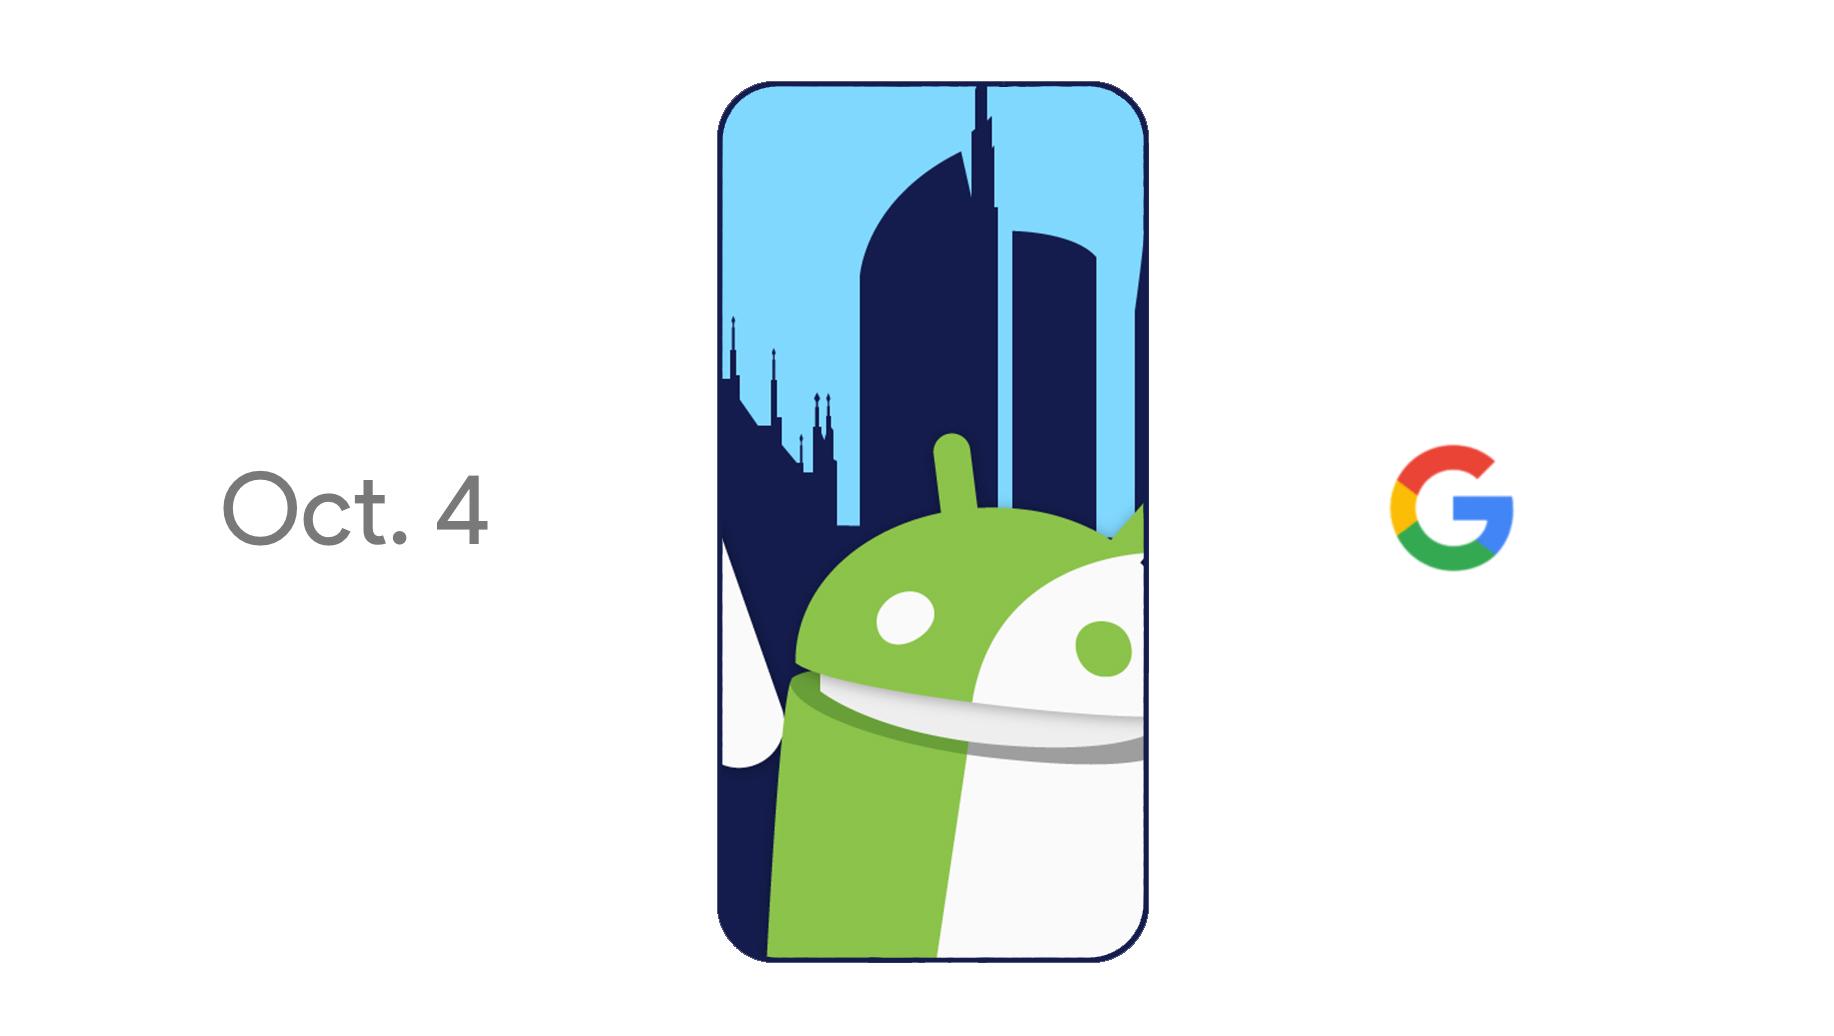 Evento Google 4 ottobre: come seguire la diretta